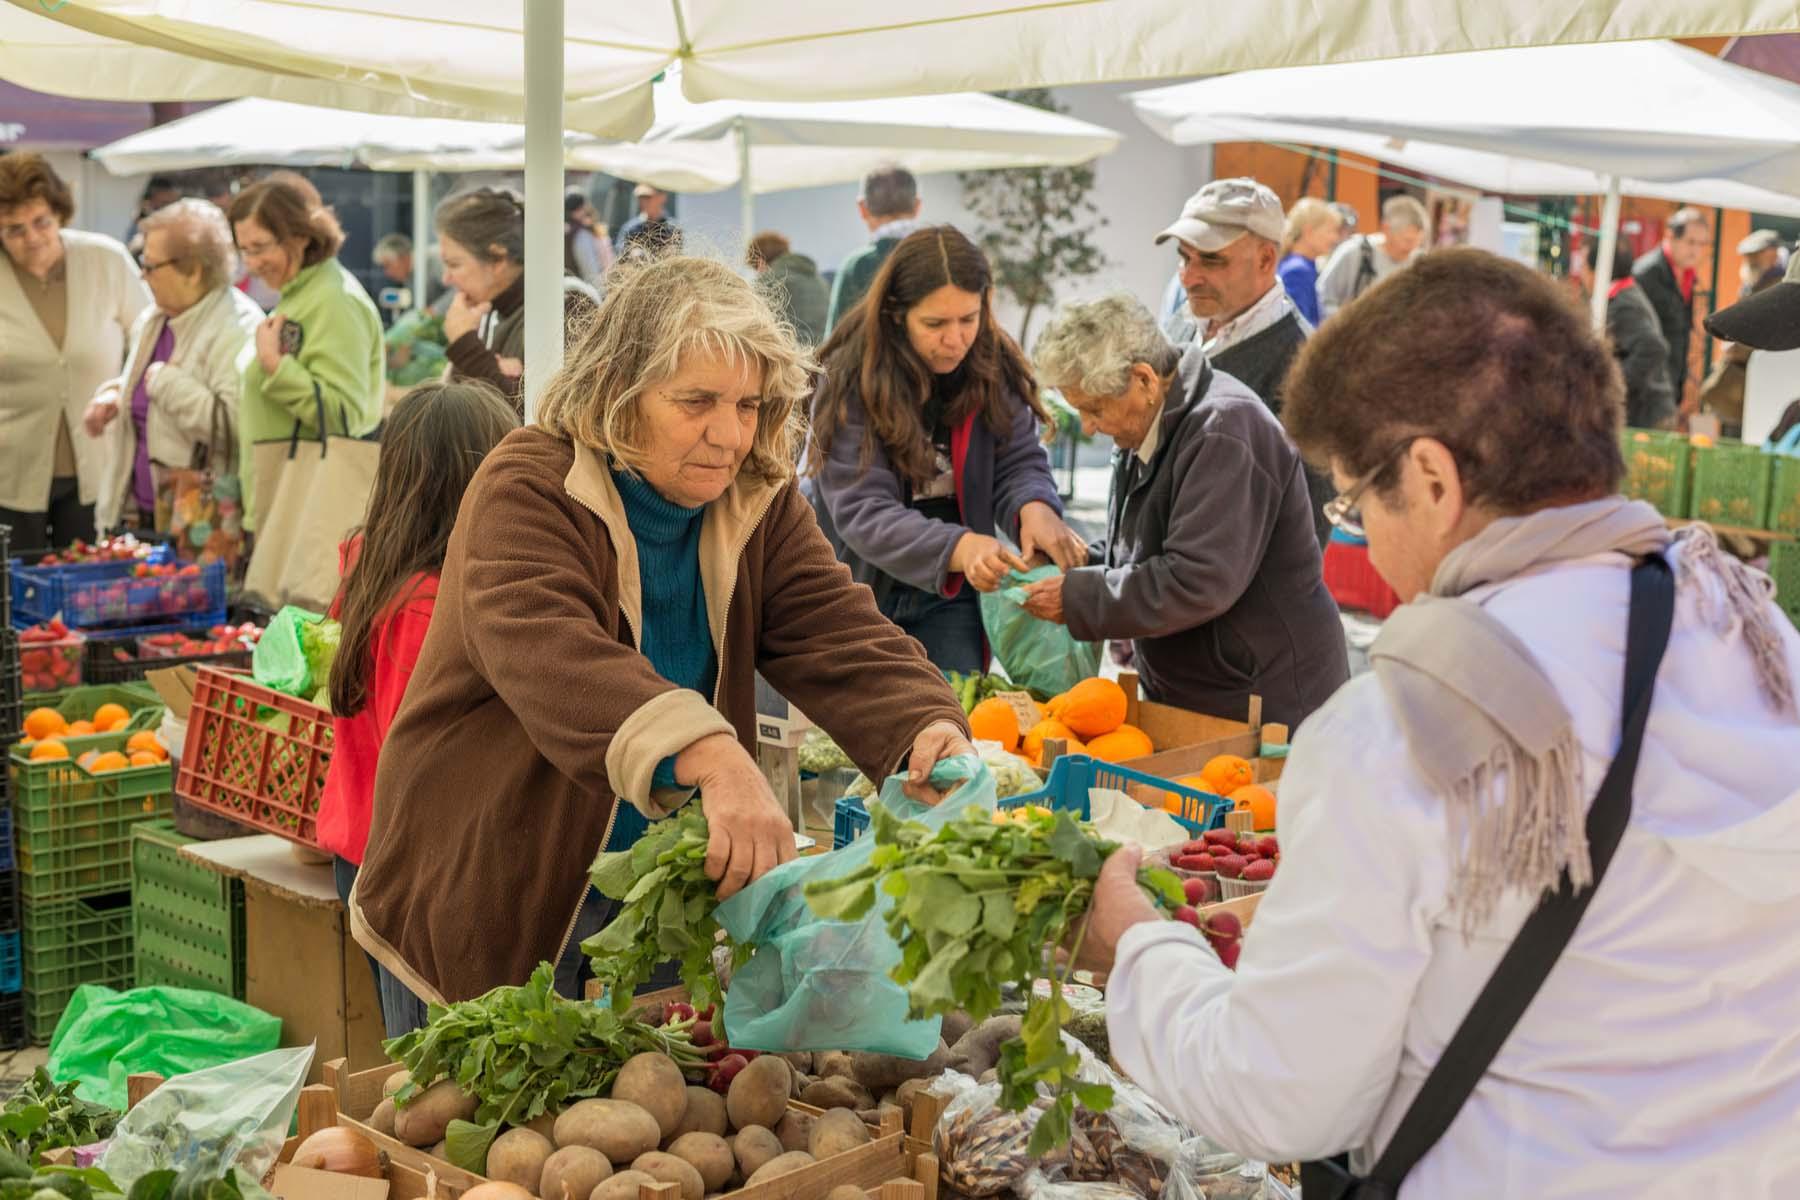 market in the Algarve